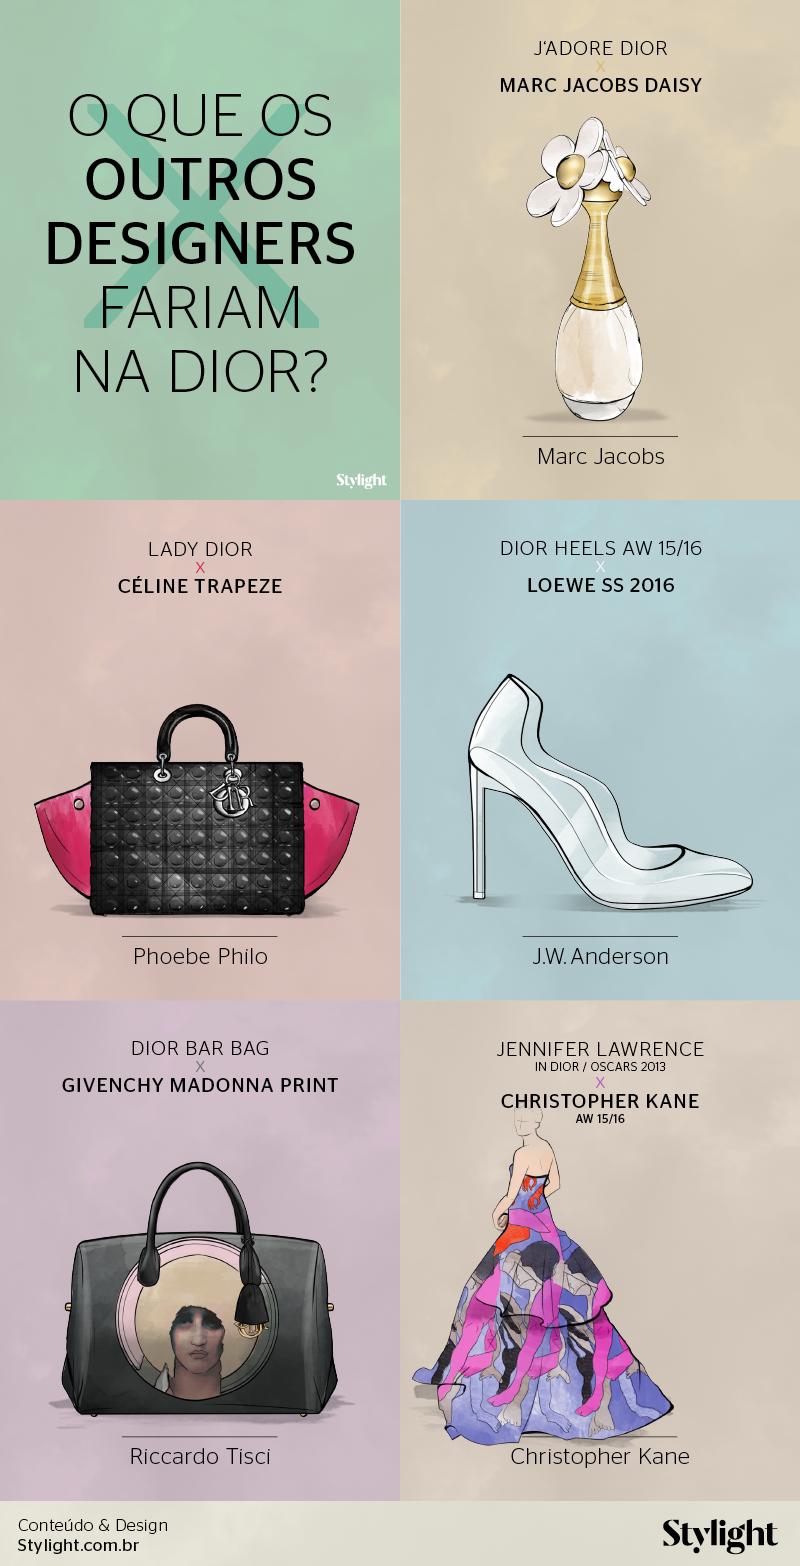 O que famosos designers fariam inspirados no estilo Dior – por Stylight.com.br